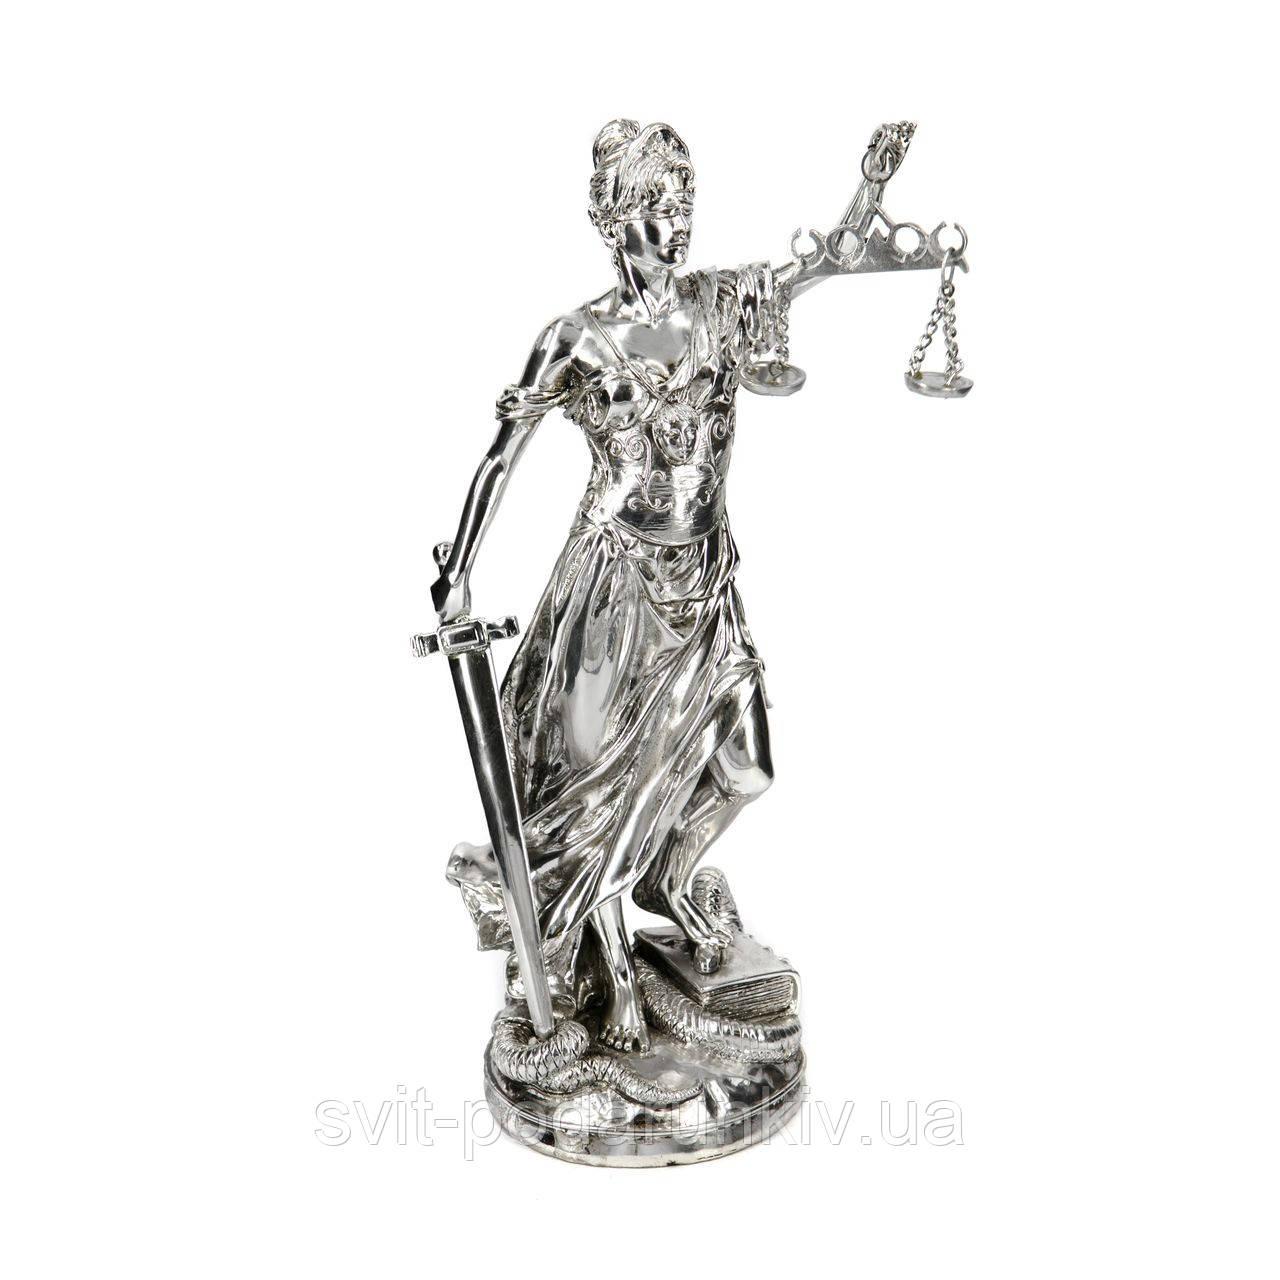 Статуэтка Фемида древнегреческая богиня права PLS0149D-12.5